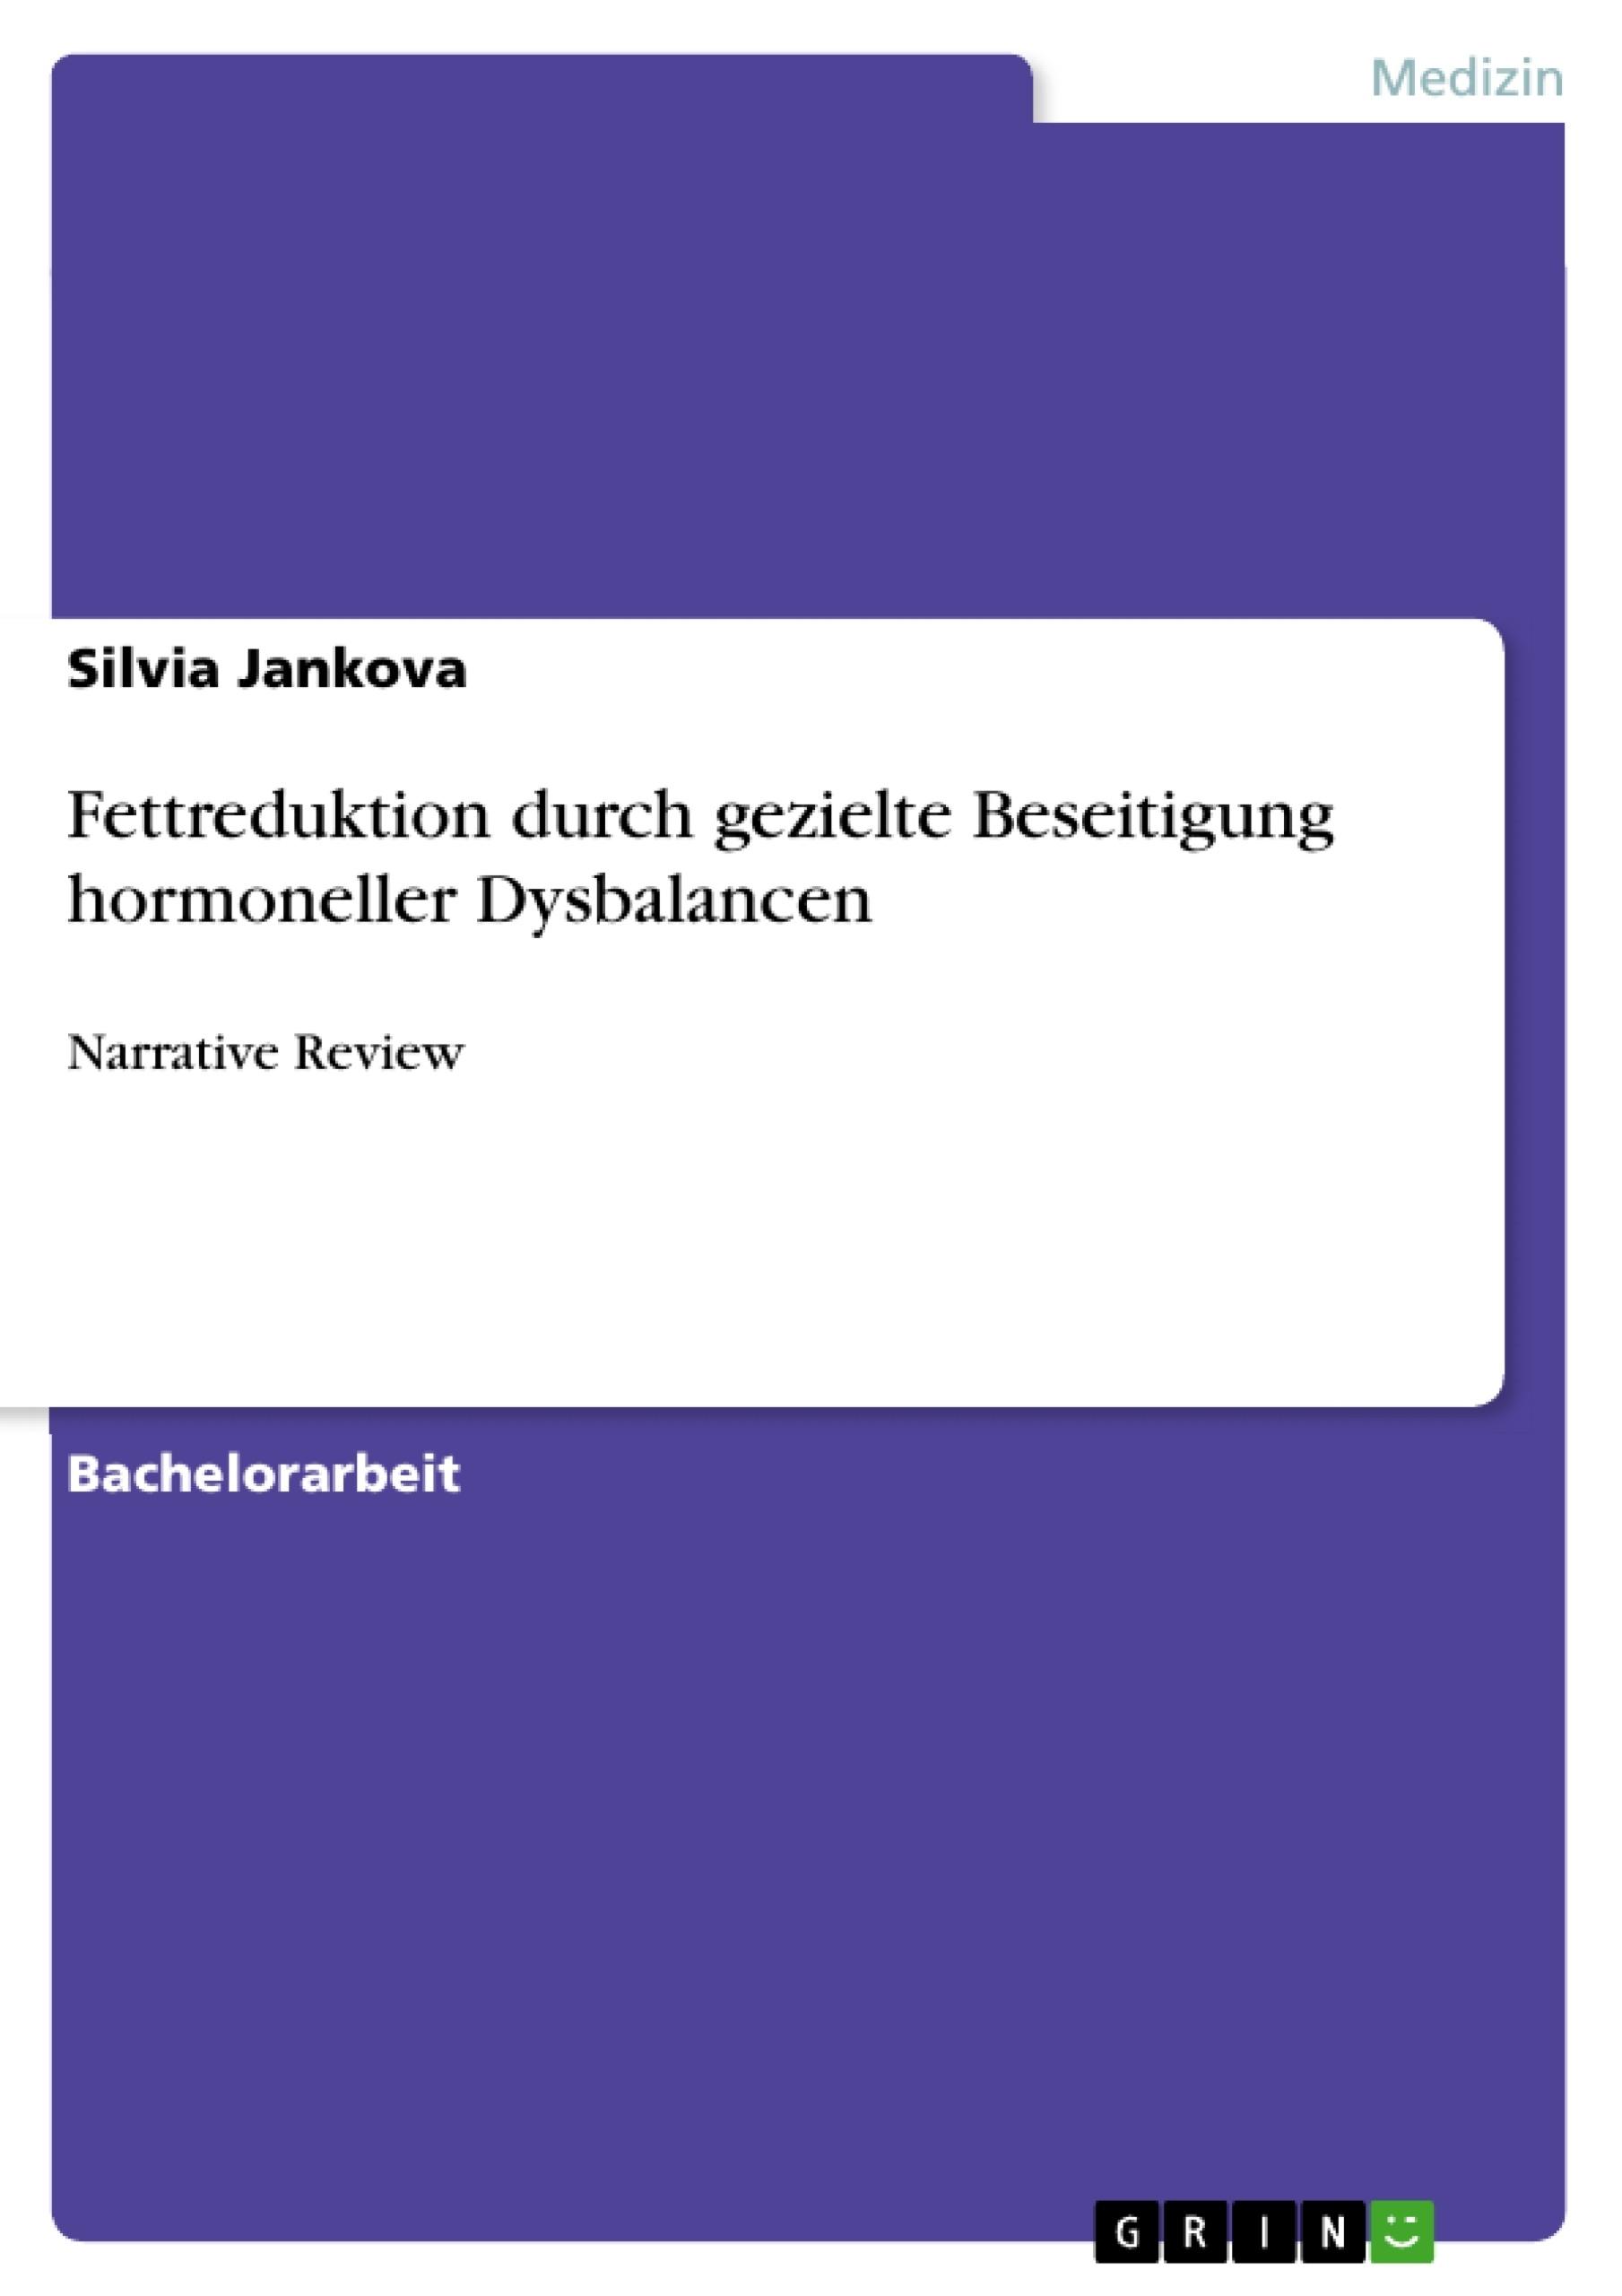 Titel: Fettreduktion durch gezielte Beseitigung hormoneller Dysbalancen